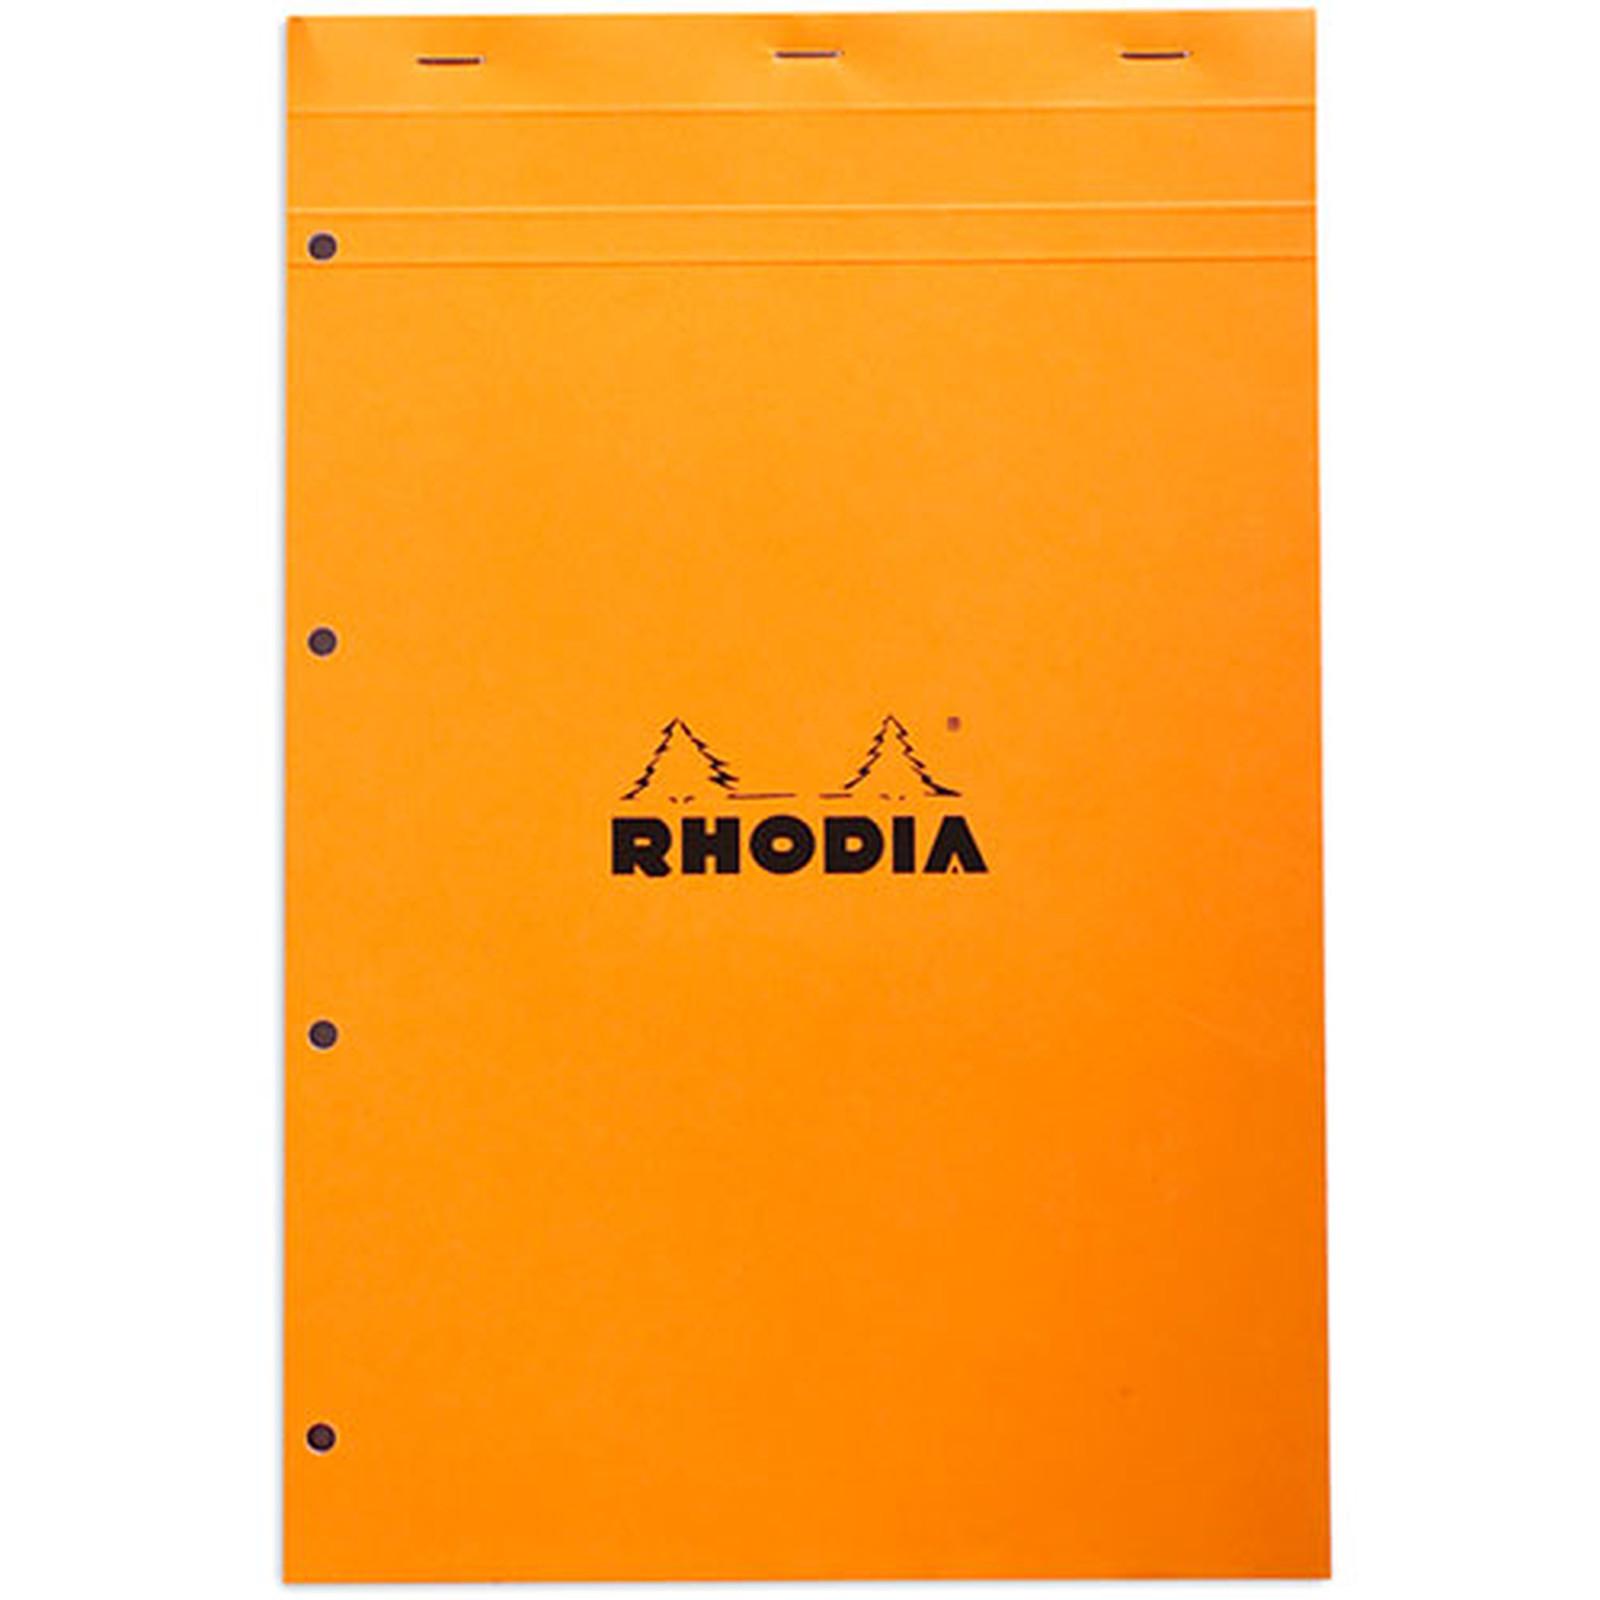 Rhodia Bloc N°20 Orange agrafé en-tête 21 x 31.8 cm petits carreaux  5 x 5 mm 160 pages perforées